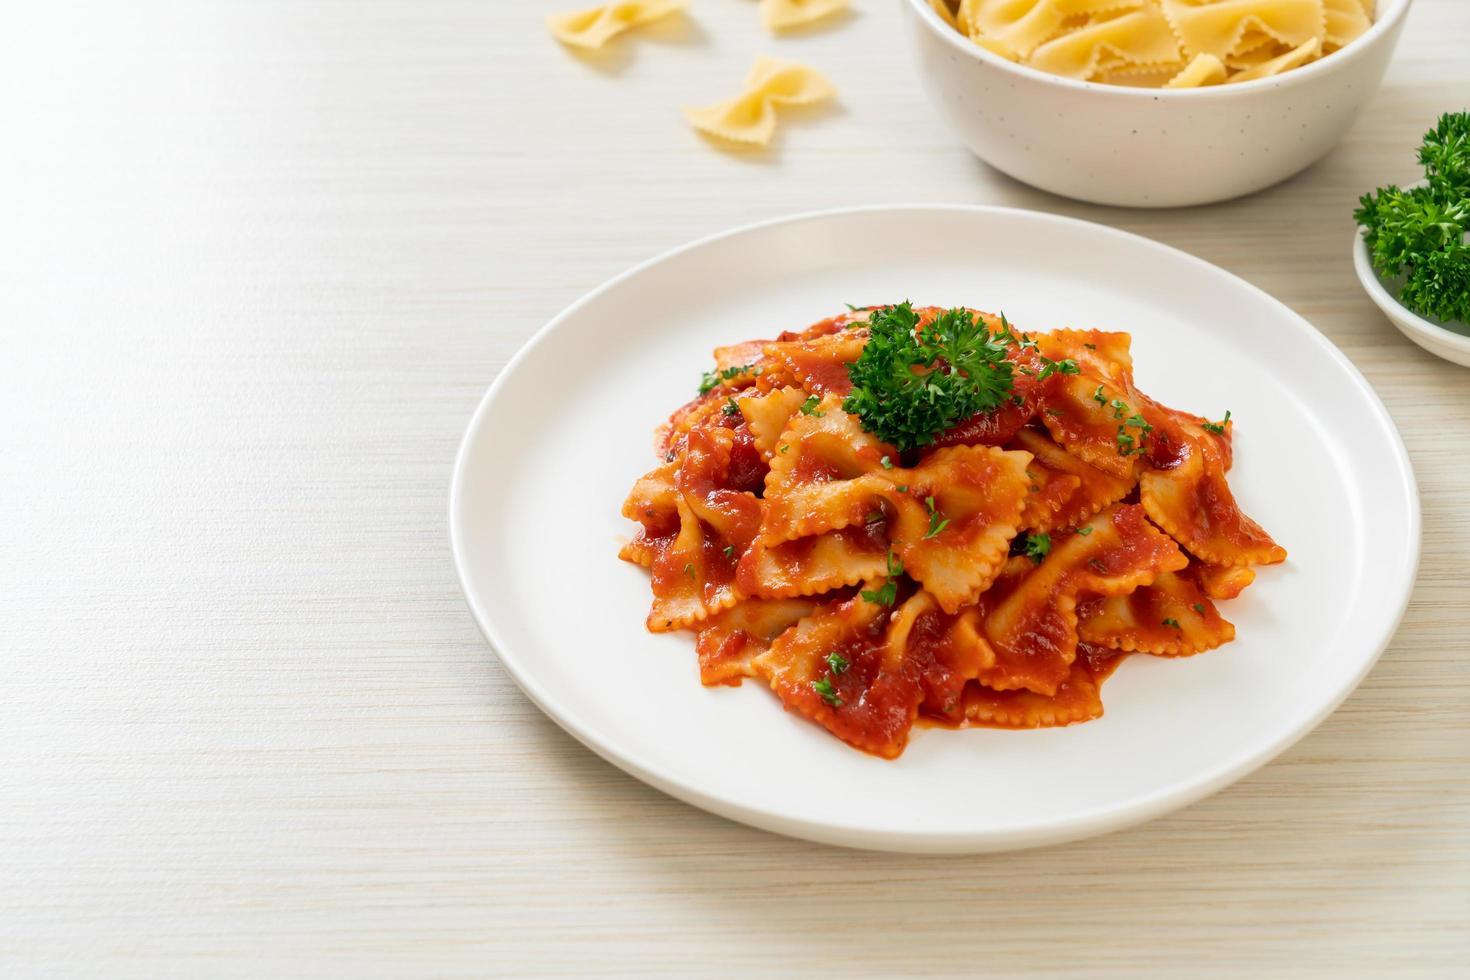 Farfalle pasta in tomato sauce with parsley - Italian food style photo